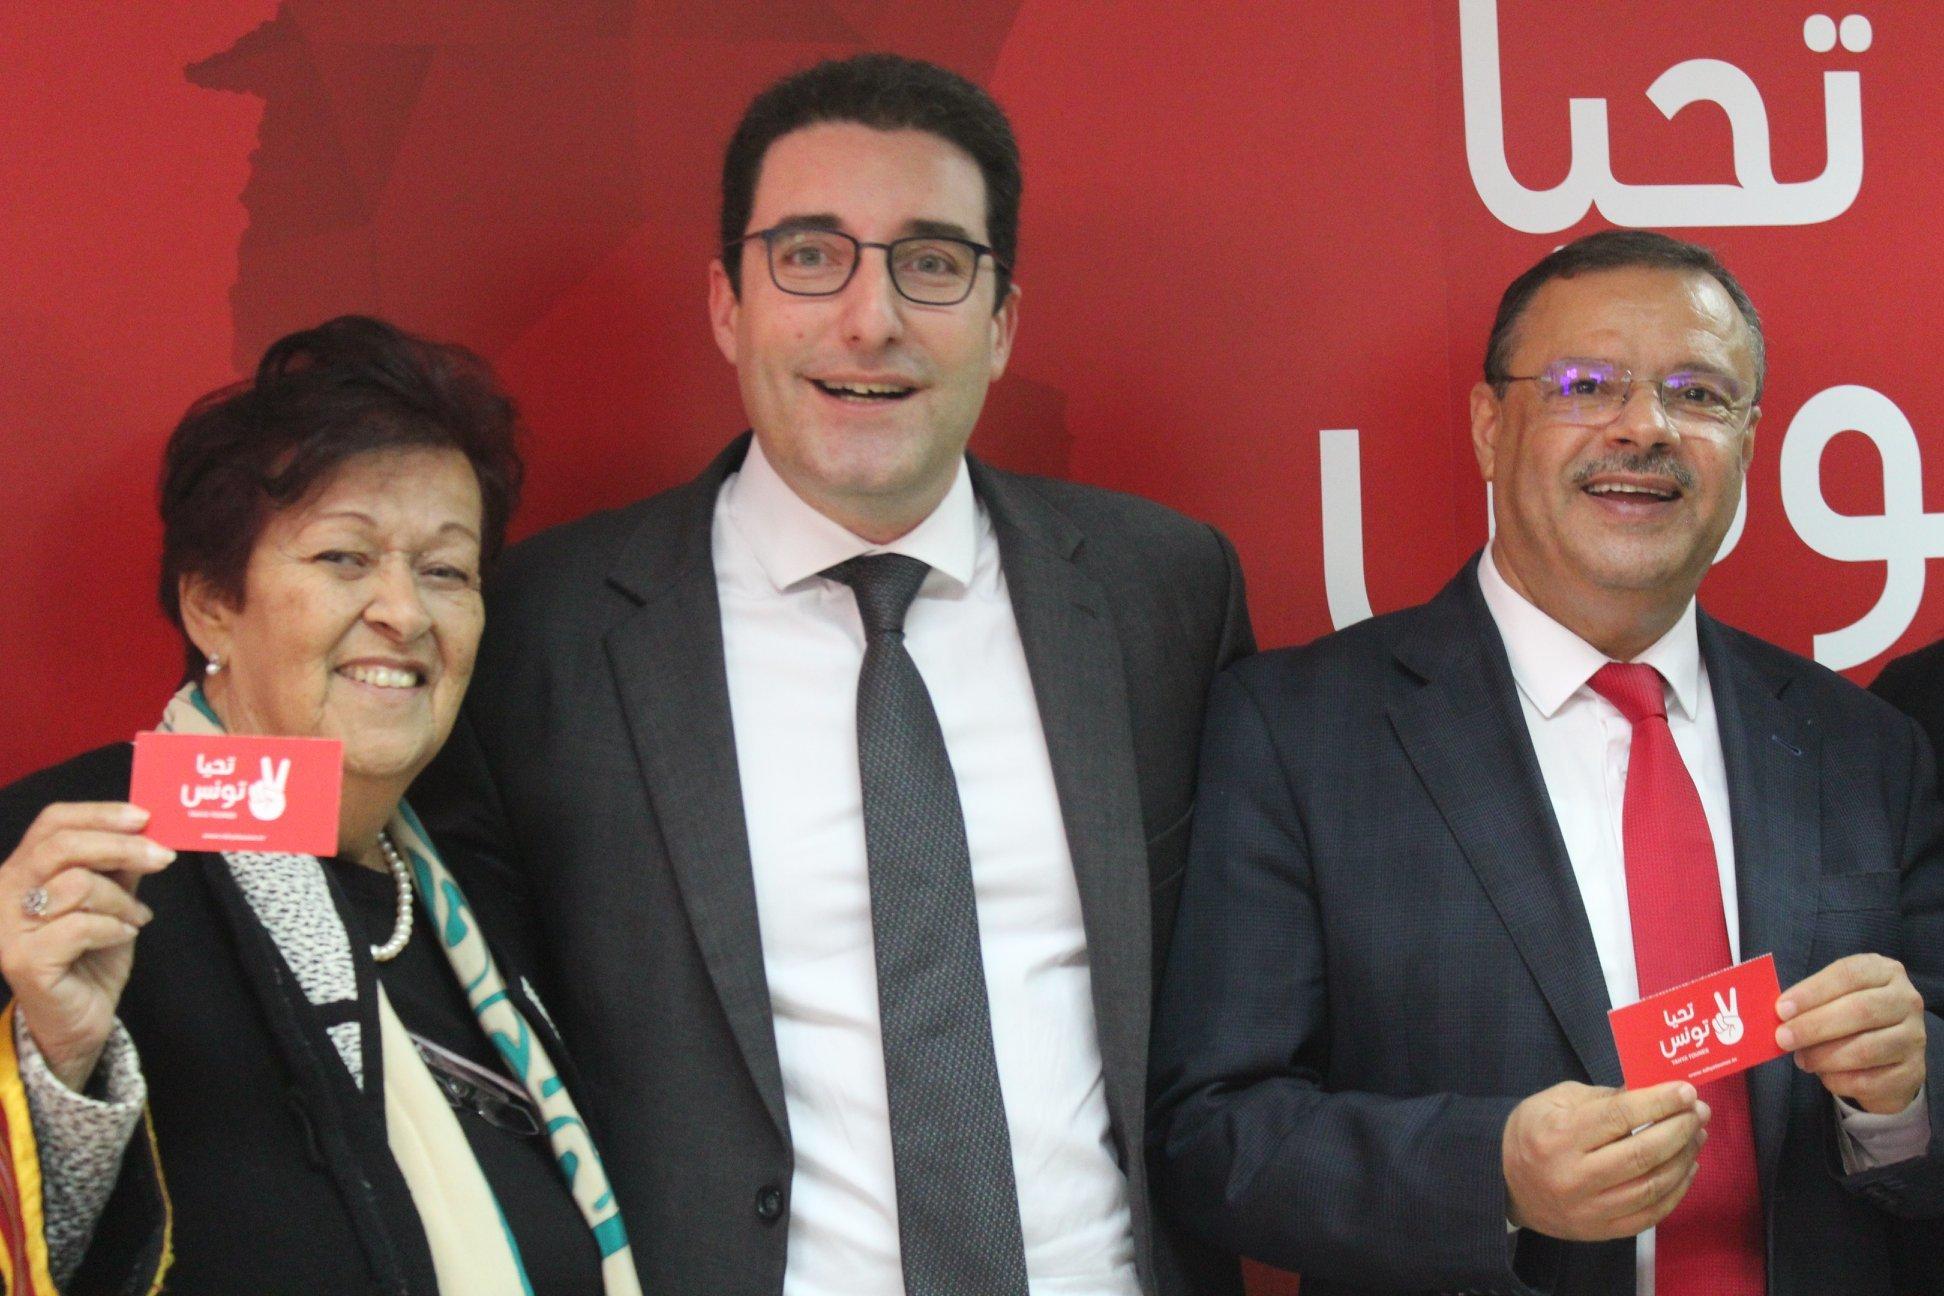 Levée du gel de l'adhésion de Youssef Chahed à Nidaa Tounes: